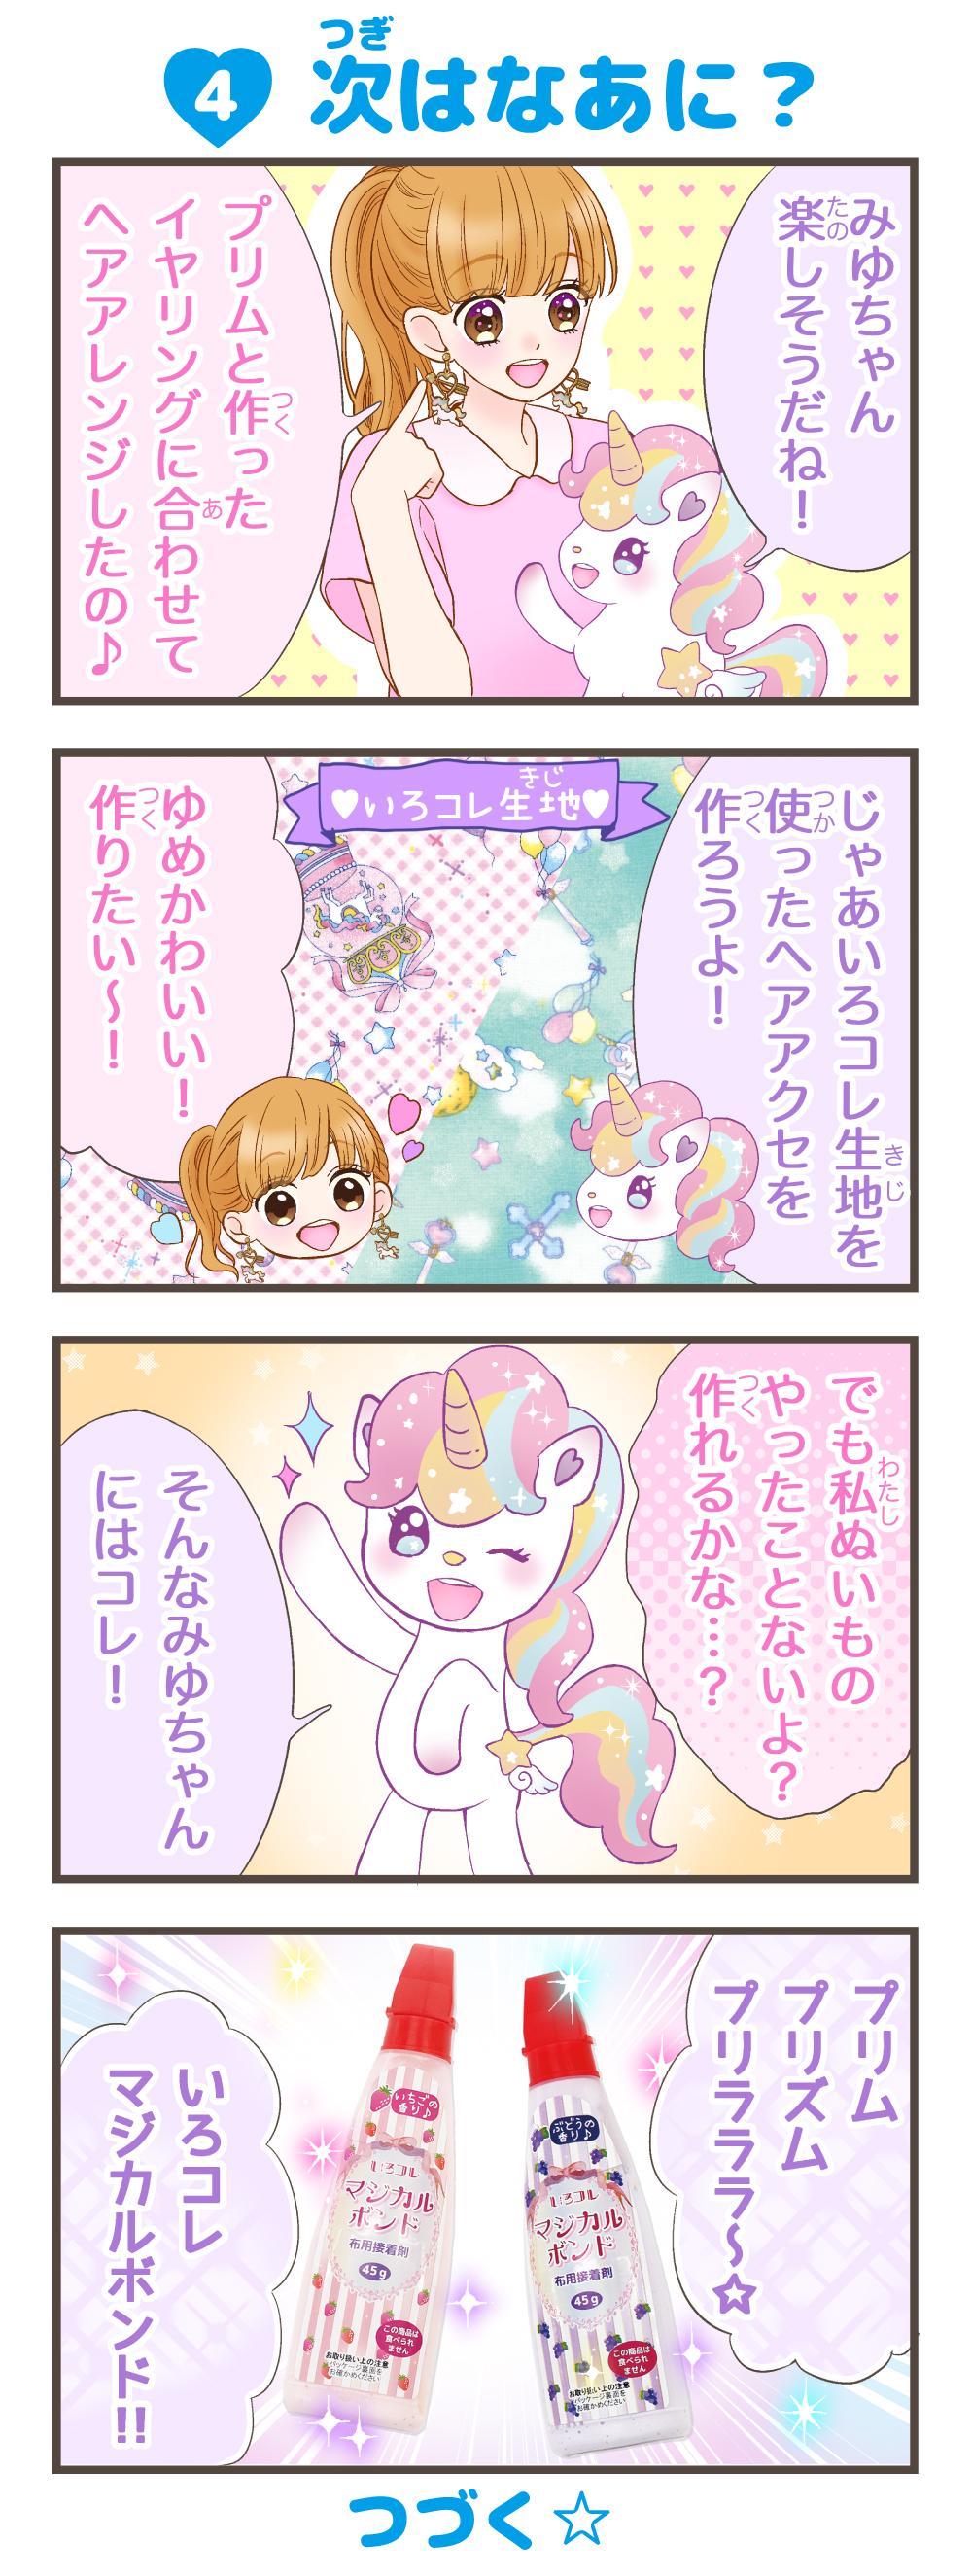 いろコレ漫画4話